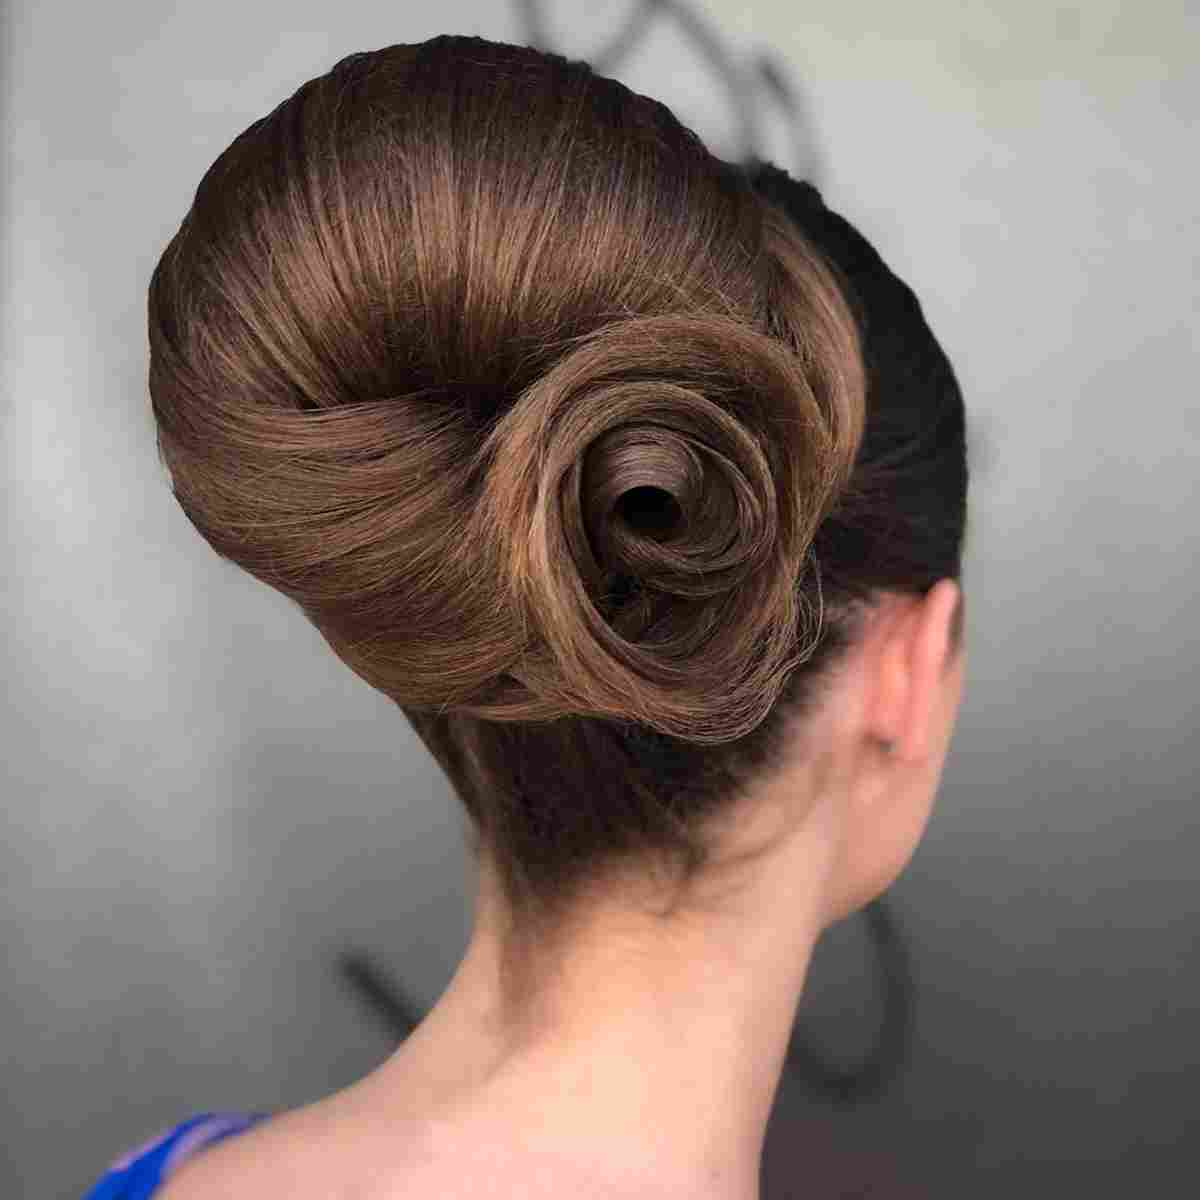 Acconciatura capelli raccolti lunghi